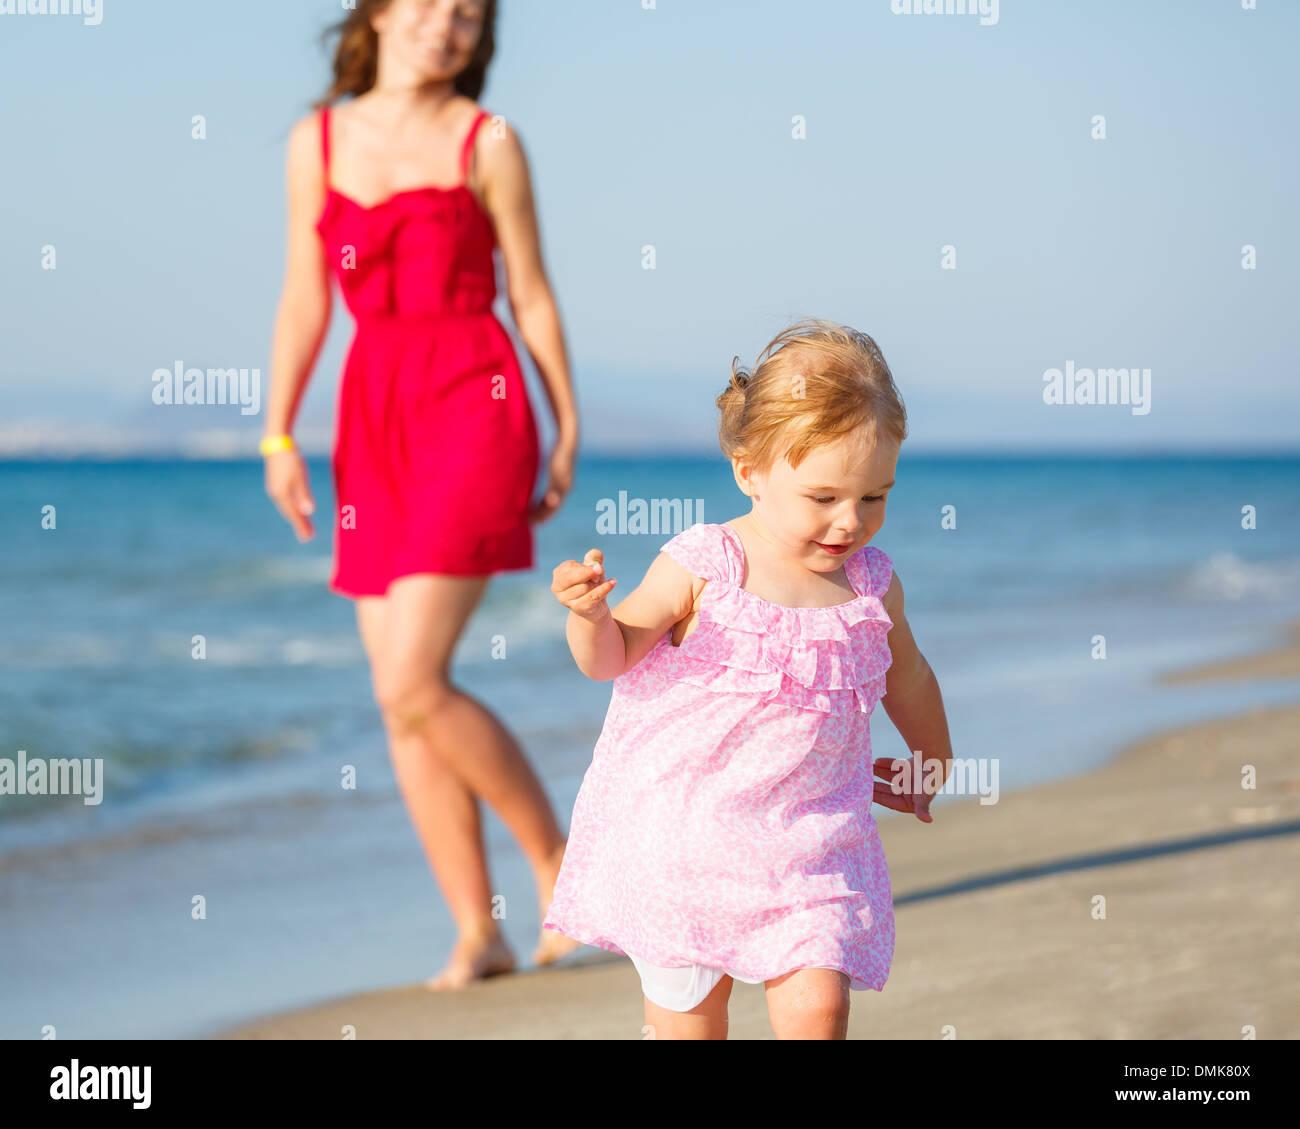 Peu de soleil sur la plage Photo Stock